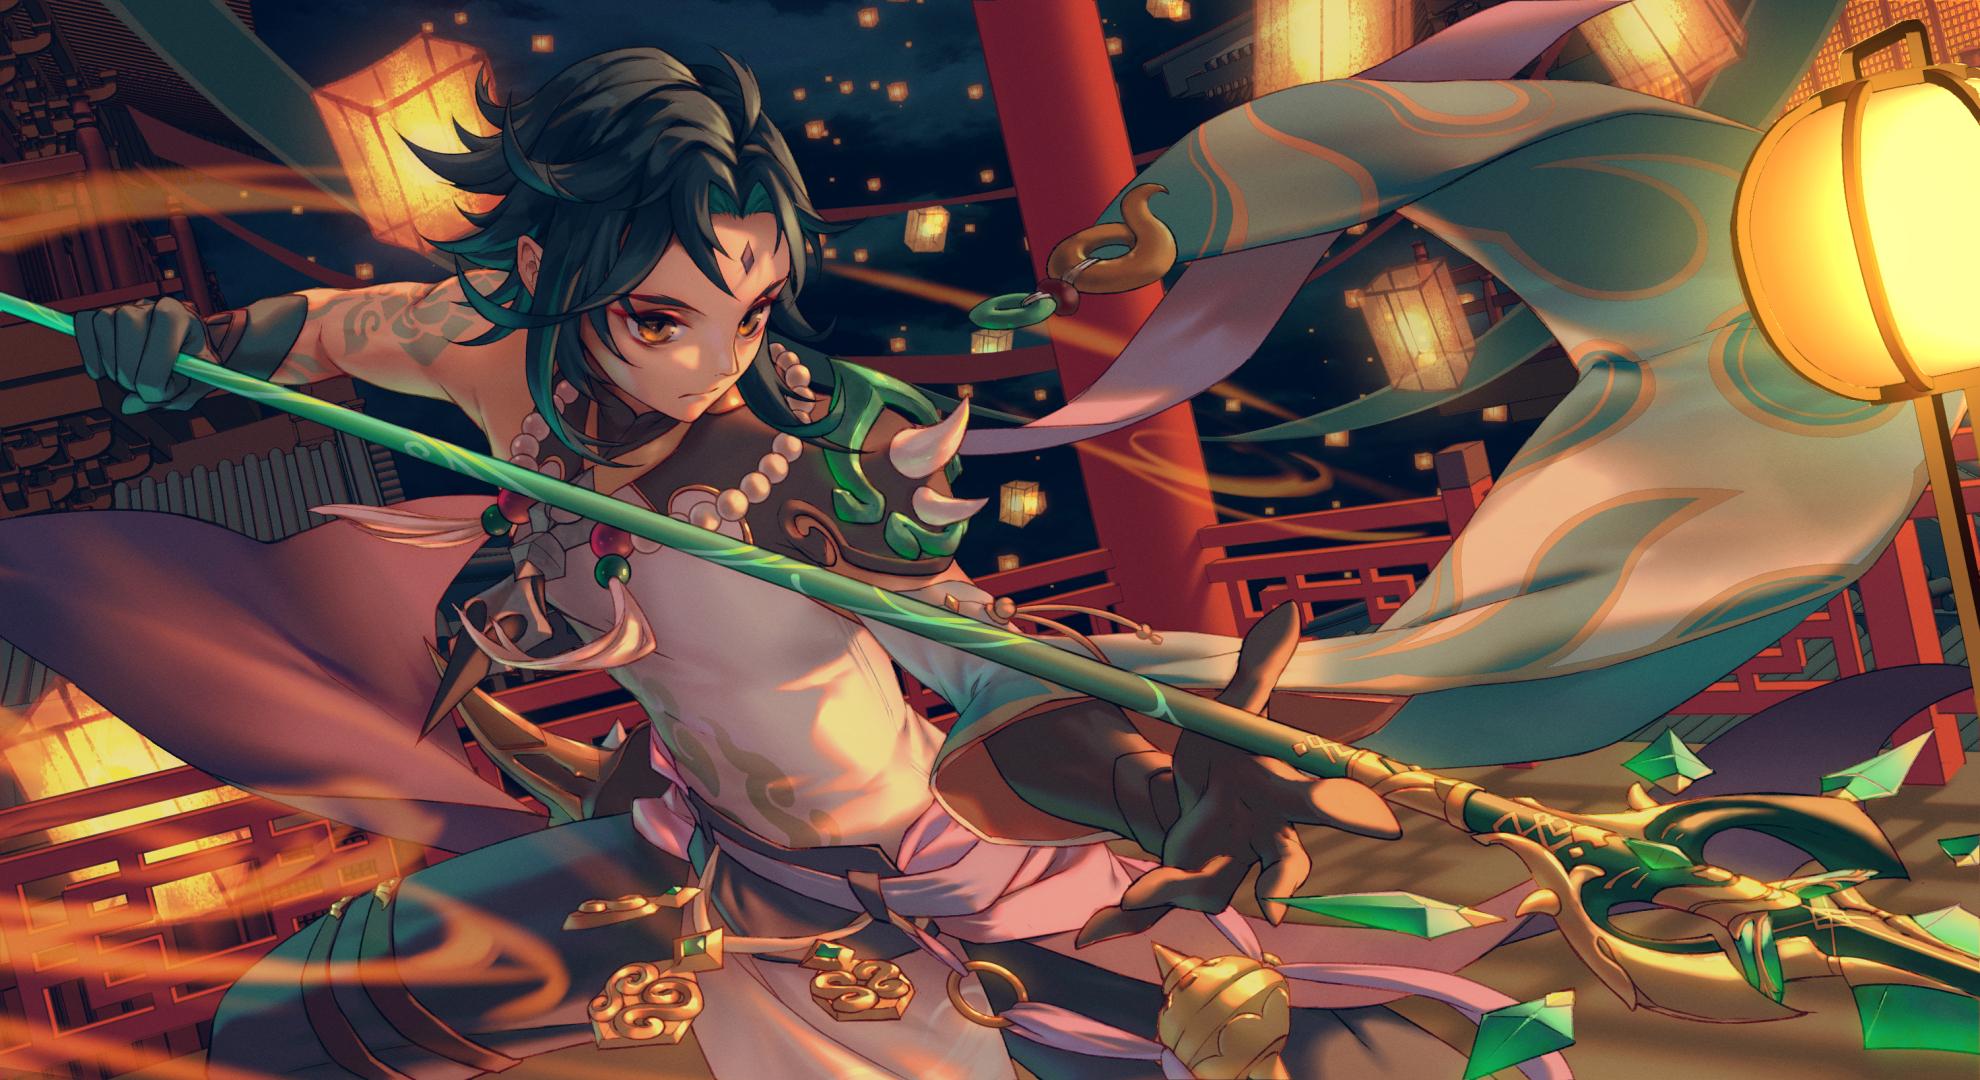 Genshin Impact Wallpaper Collection hd Genshin Impact